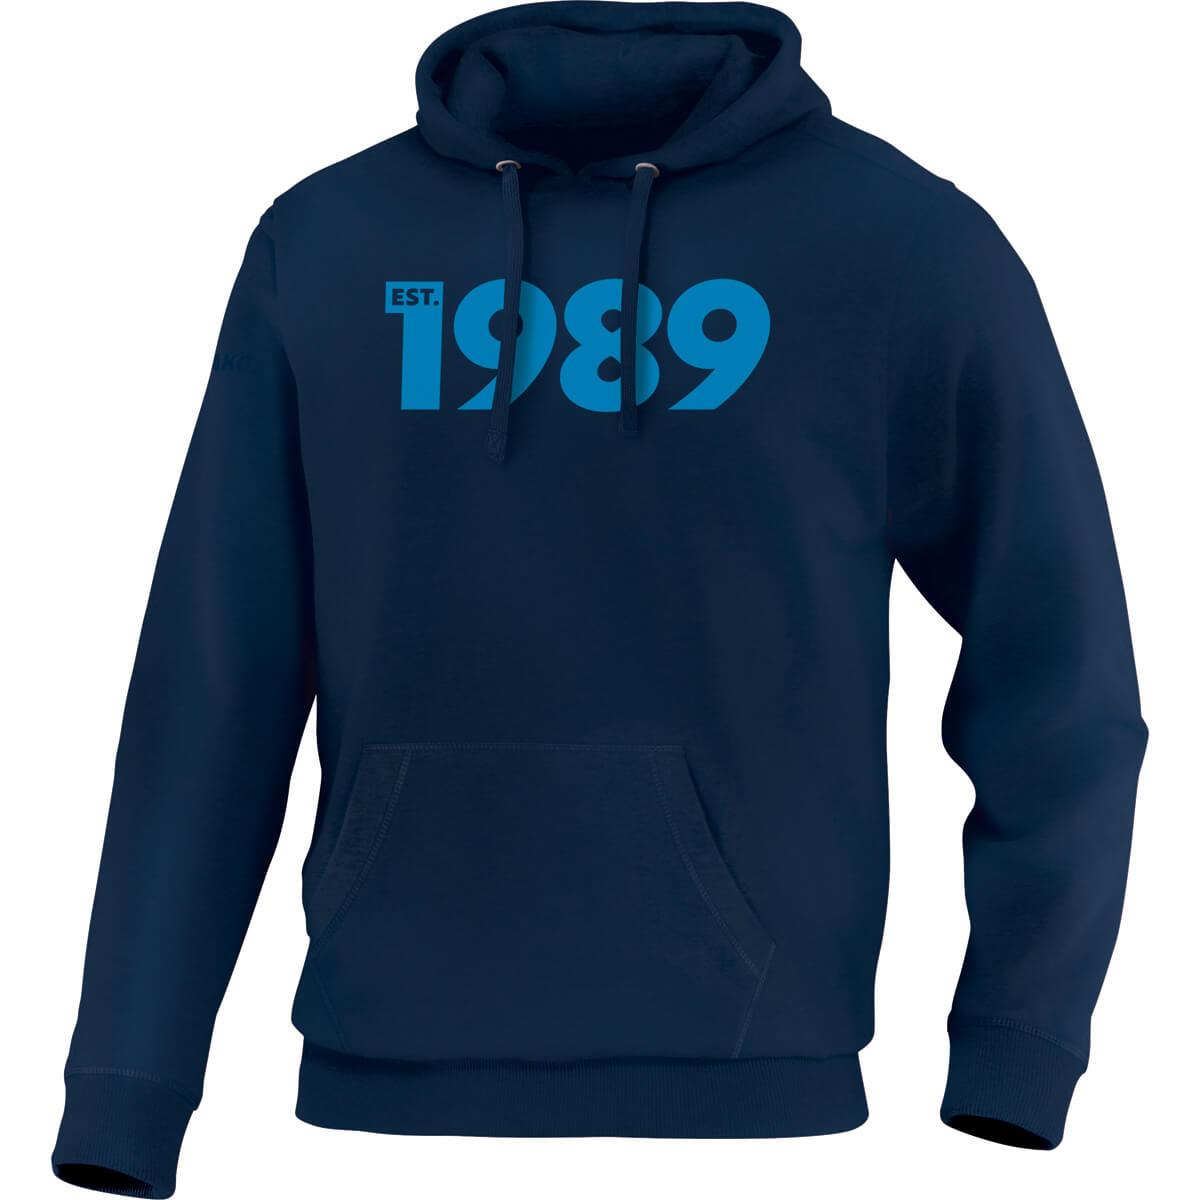 Kapuzensweat 1989 - Herren | Jako 6789